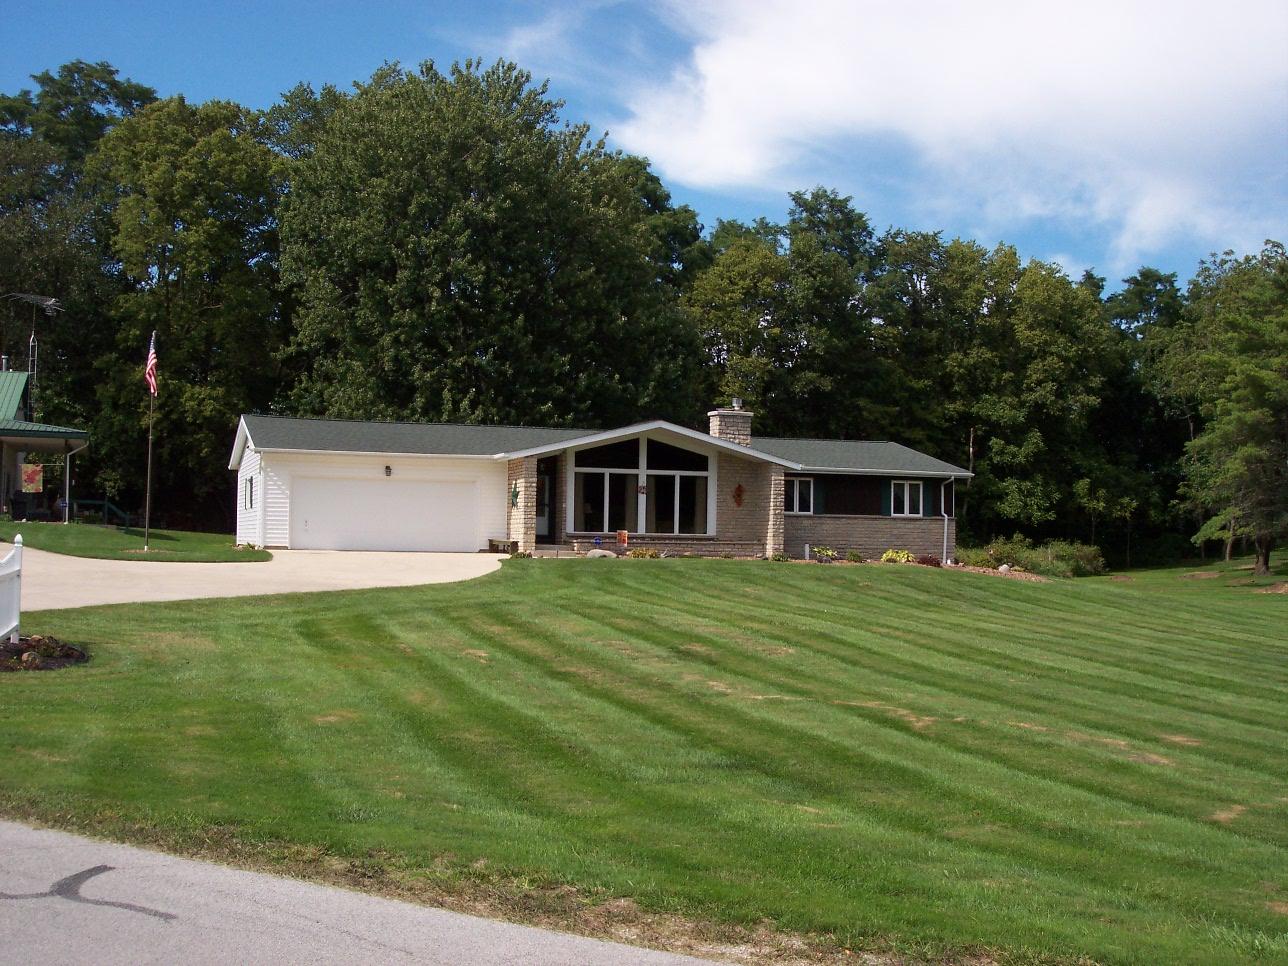 3371 E Co. Rd. 37, Tiffin, Ohio 44883